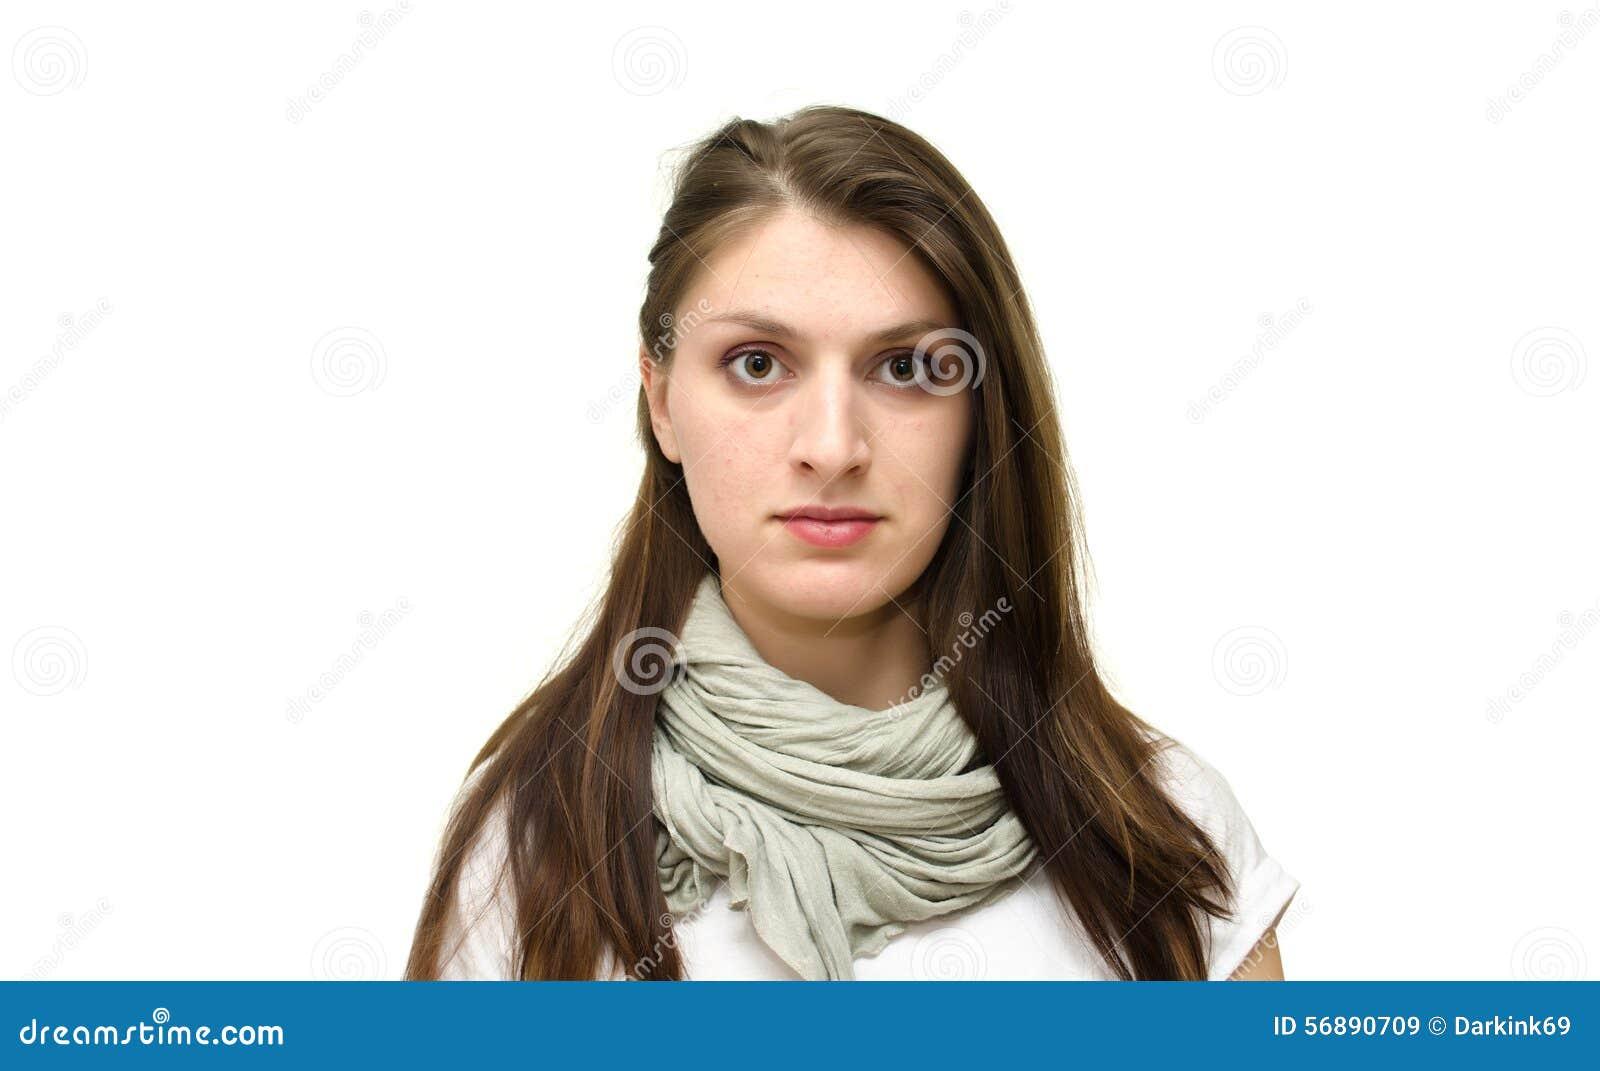 Il fronte della ragazza isolata su un fondo bianco senza emozione